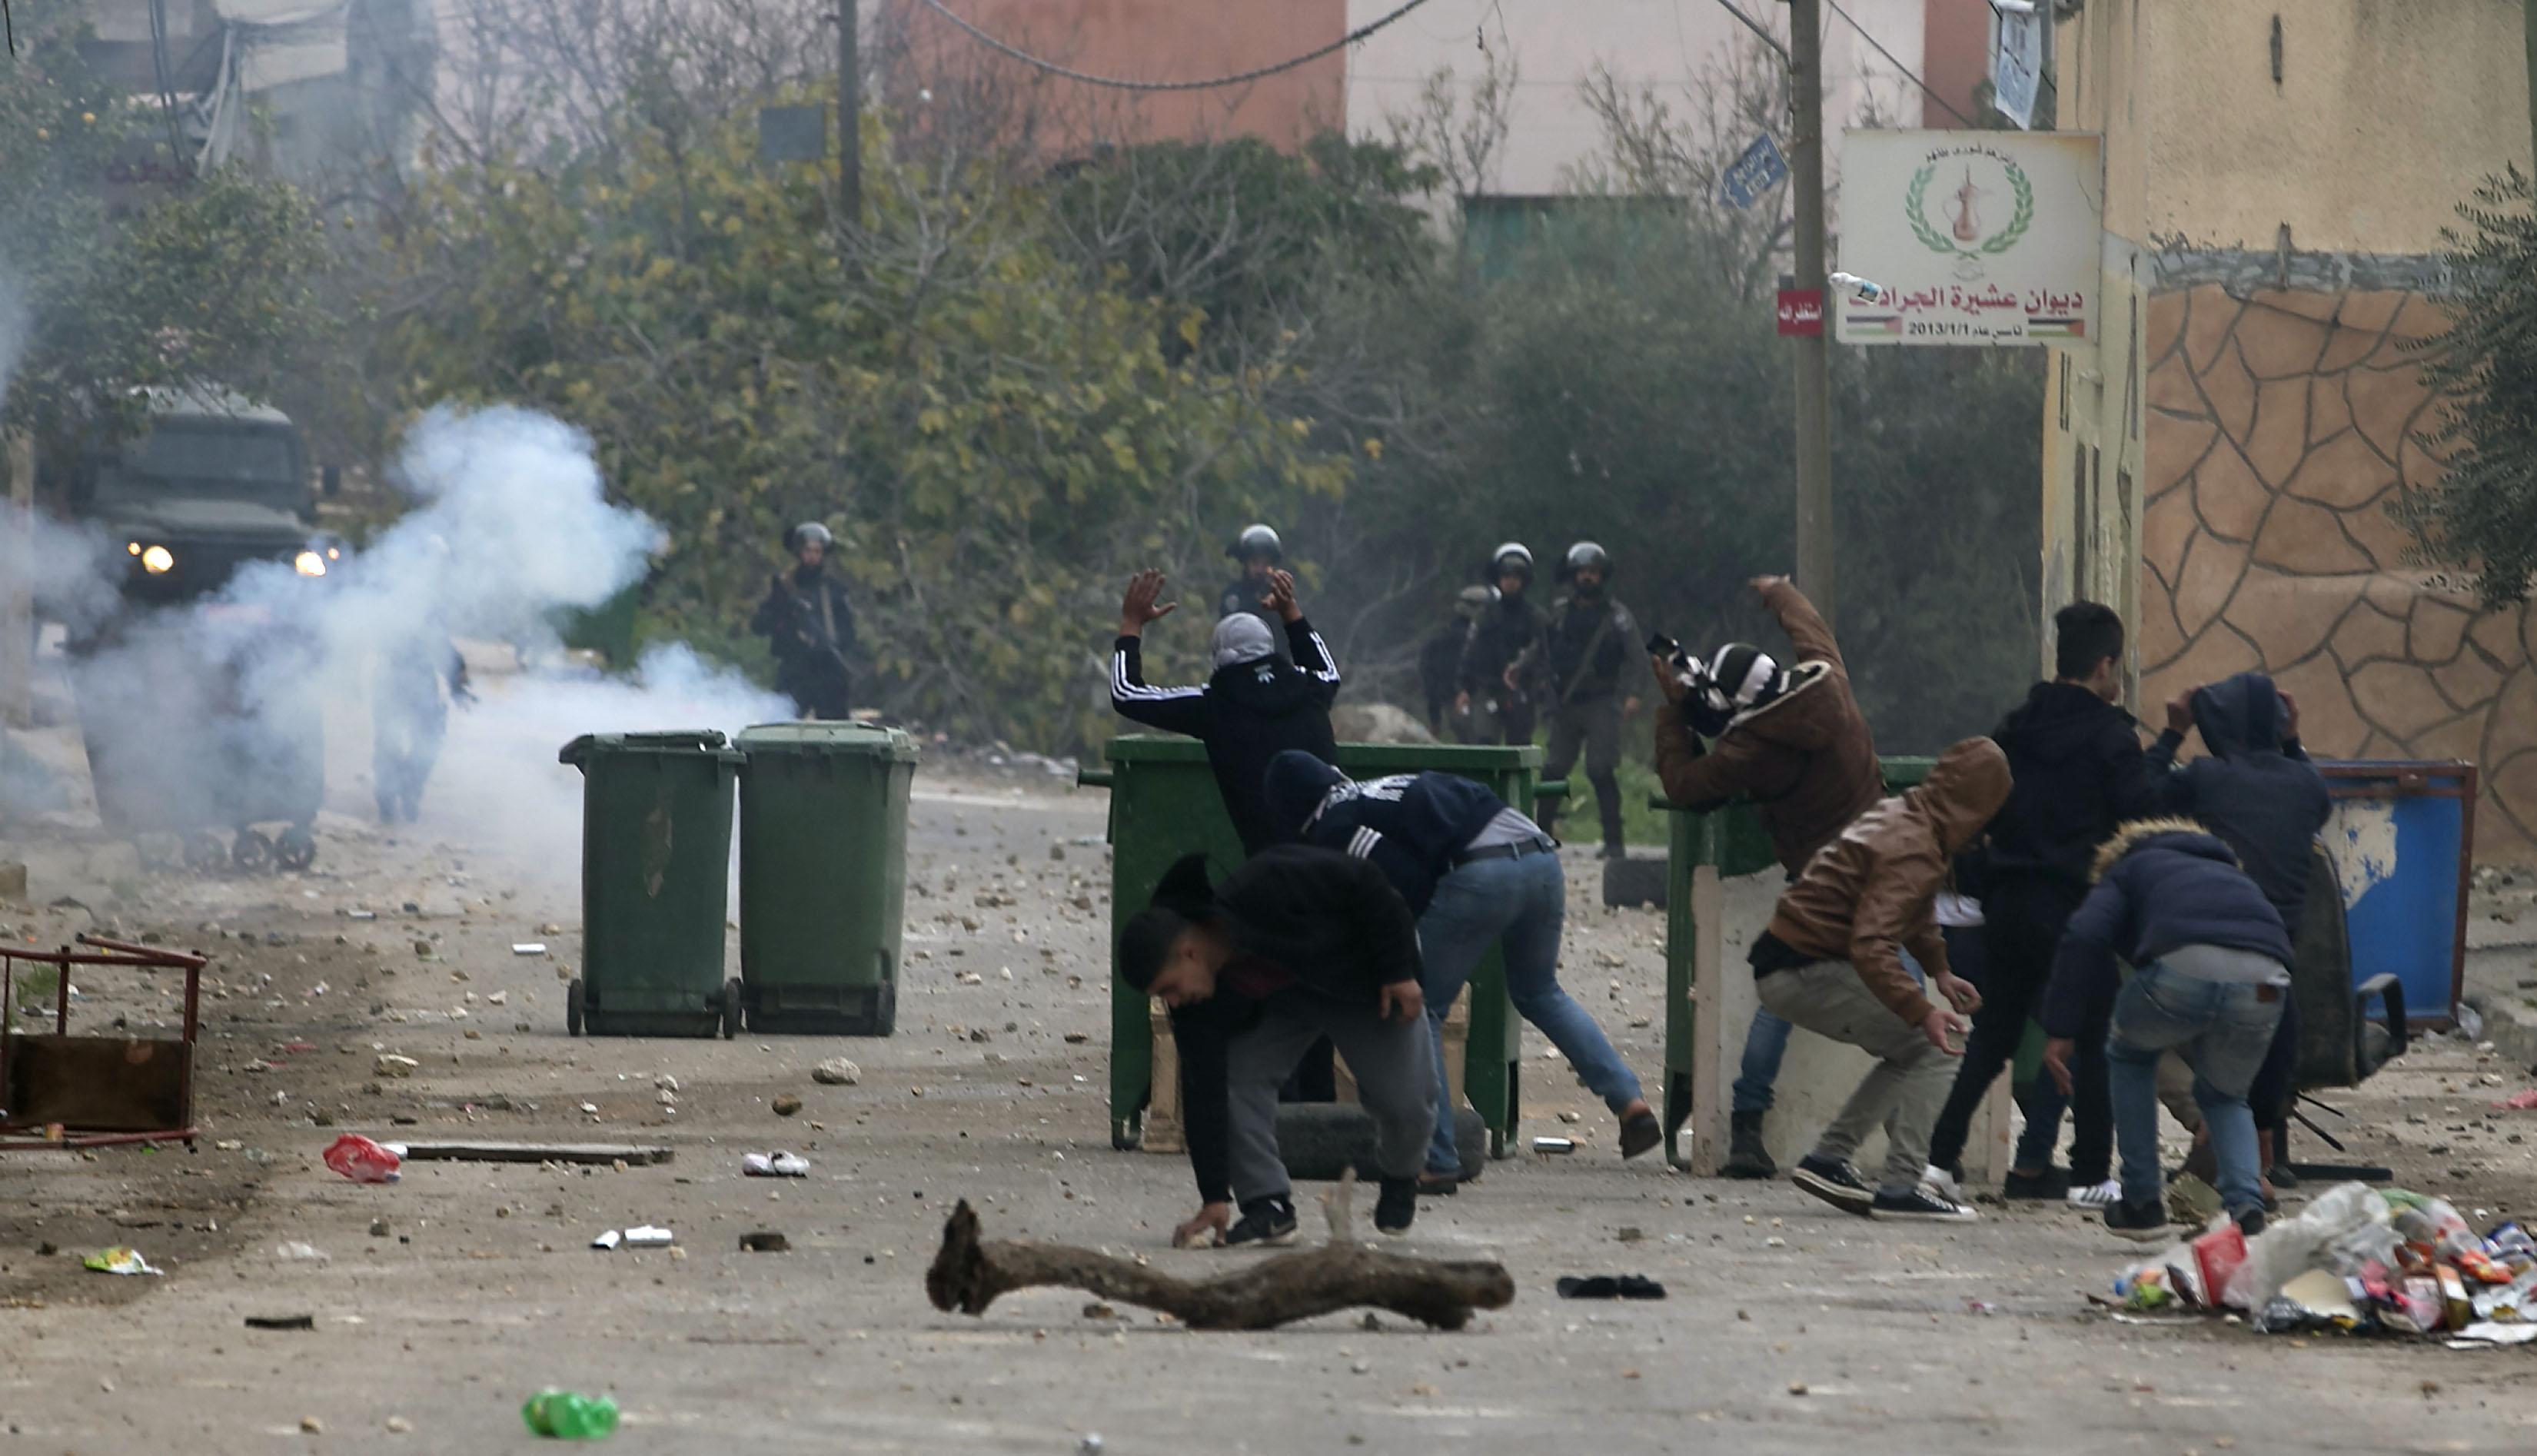 الشرطة الإسرائيلية تقمع مظاهرات فلسطينية بالضفة الغربية